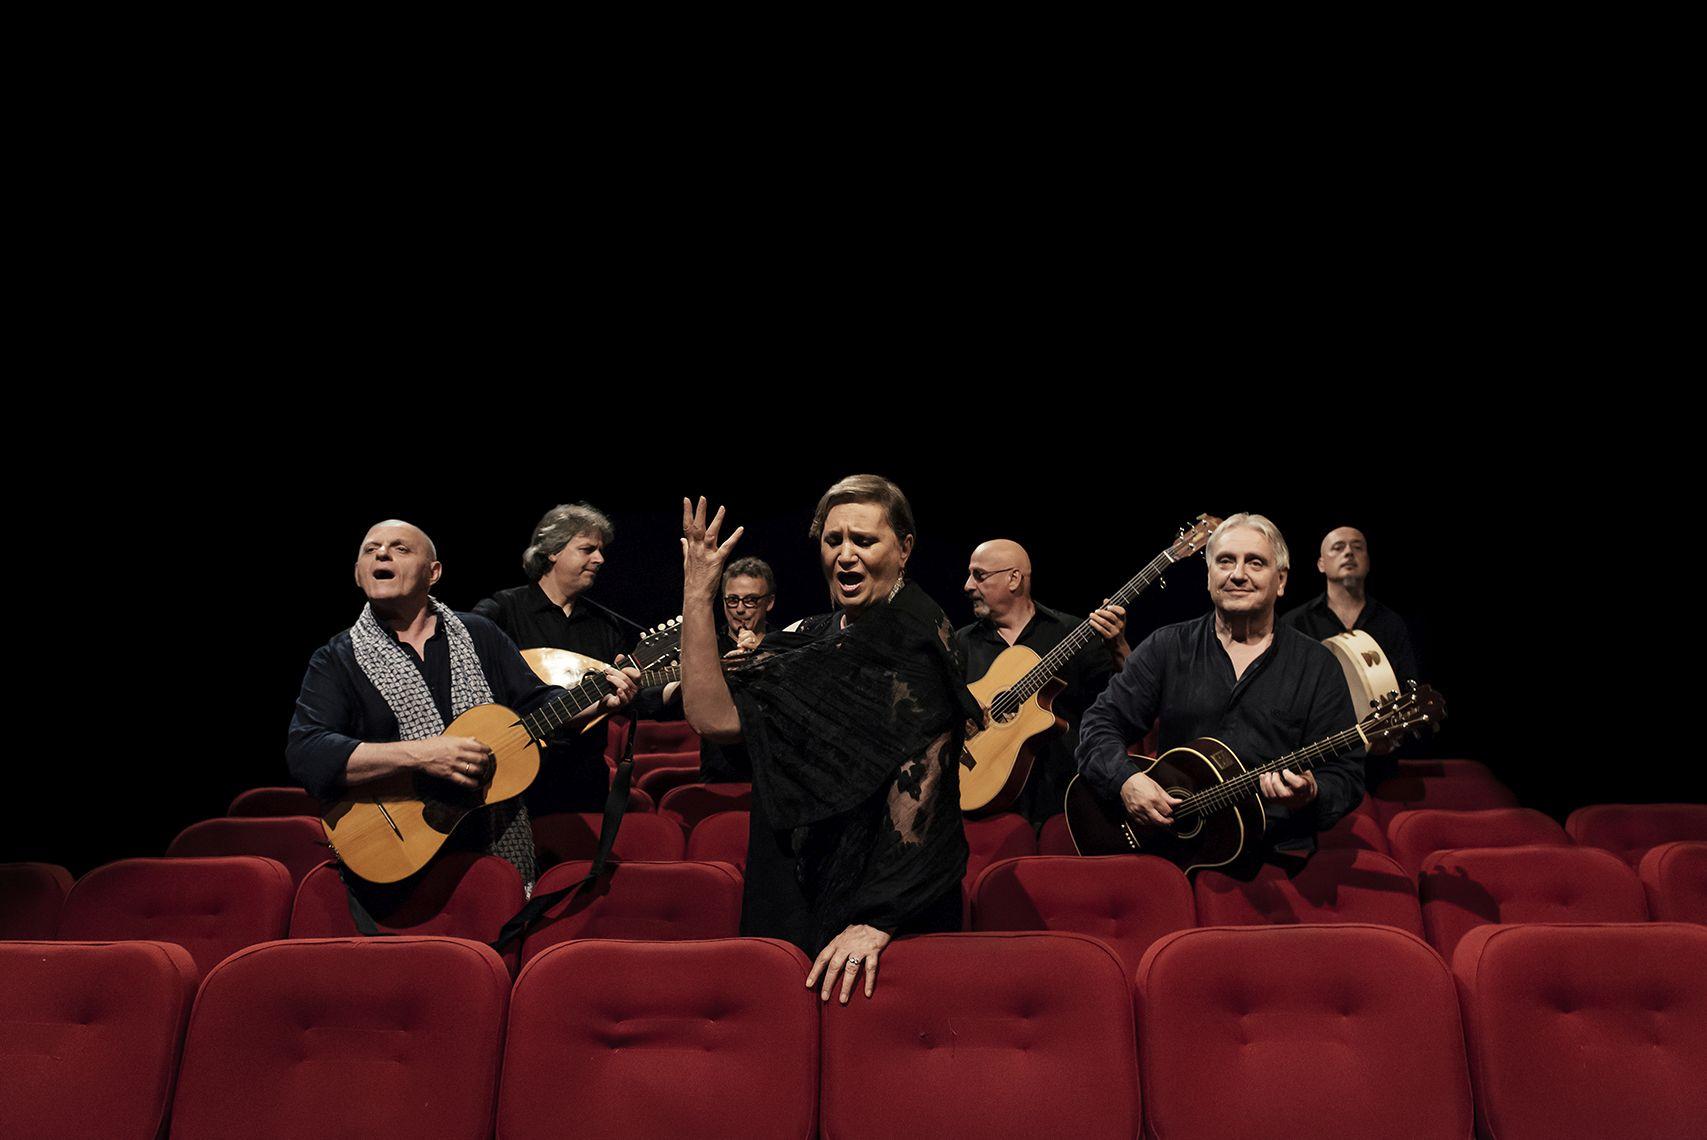 Fa tappa a Firenze il tour che celebra la carriera della Nuova compagnia di canto popolare